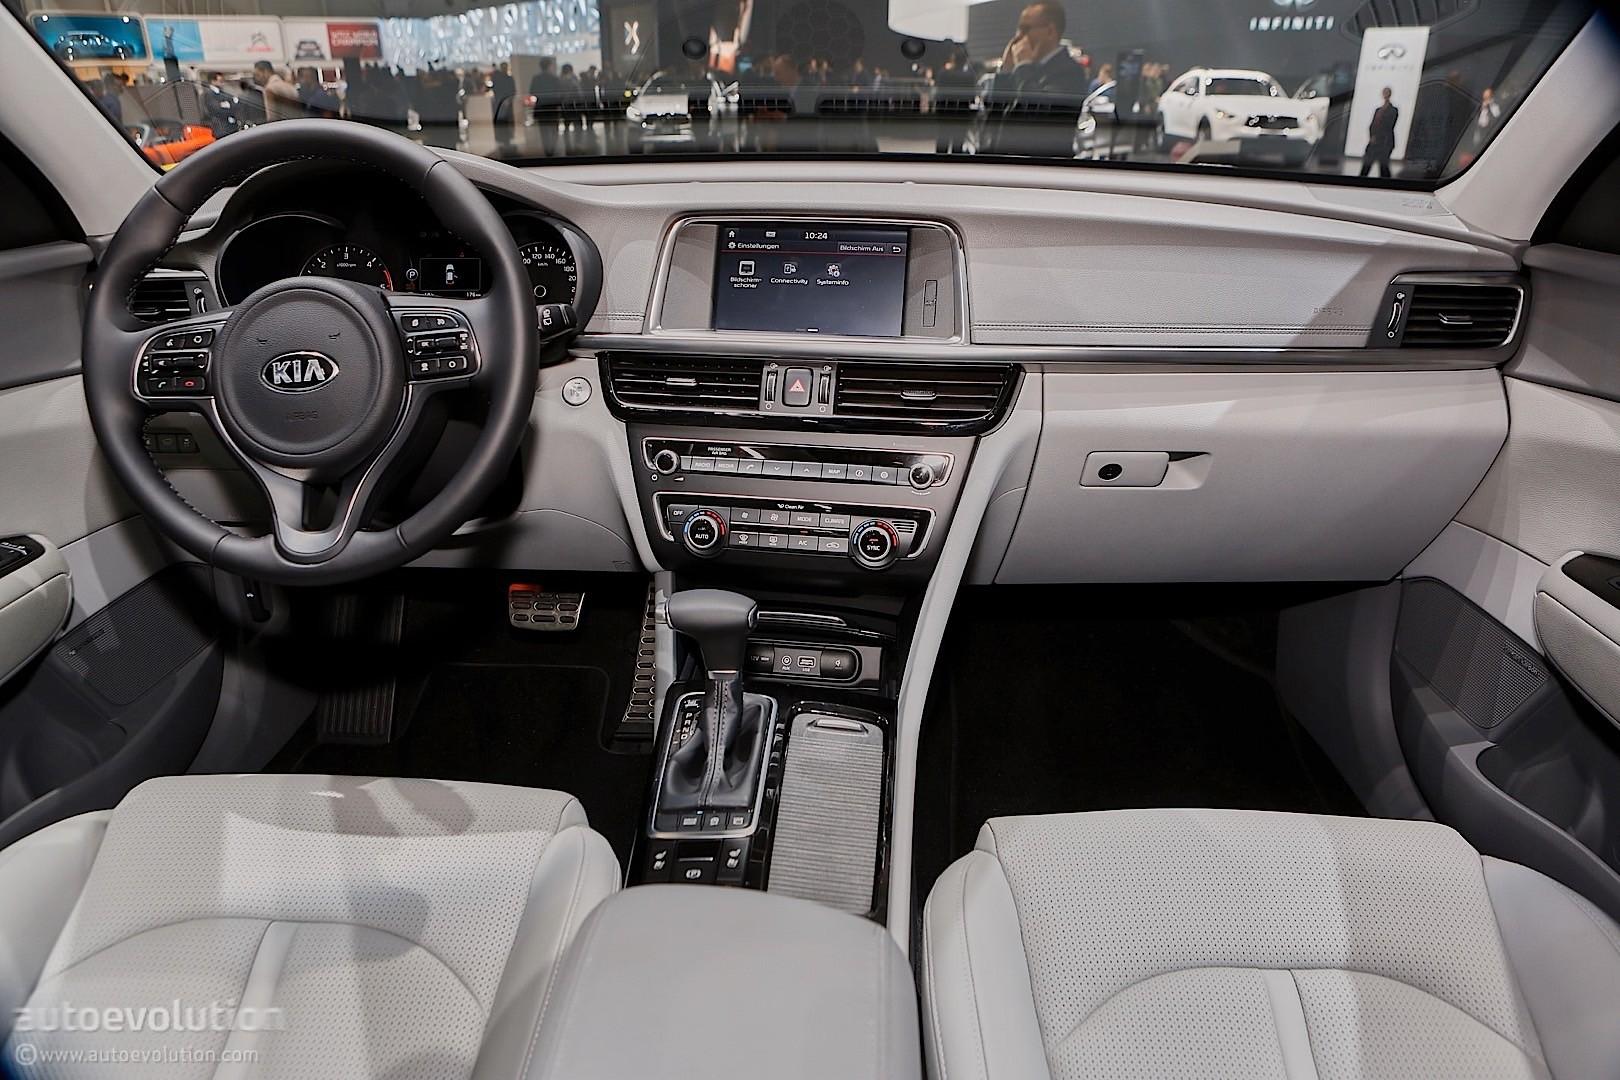 Plug In Hybrid Cars >> 2016 Kia Optima Sportswagon Lands in Geneva - autoevolution